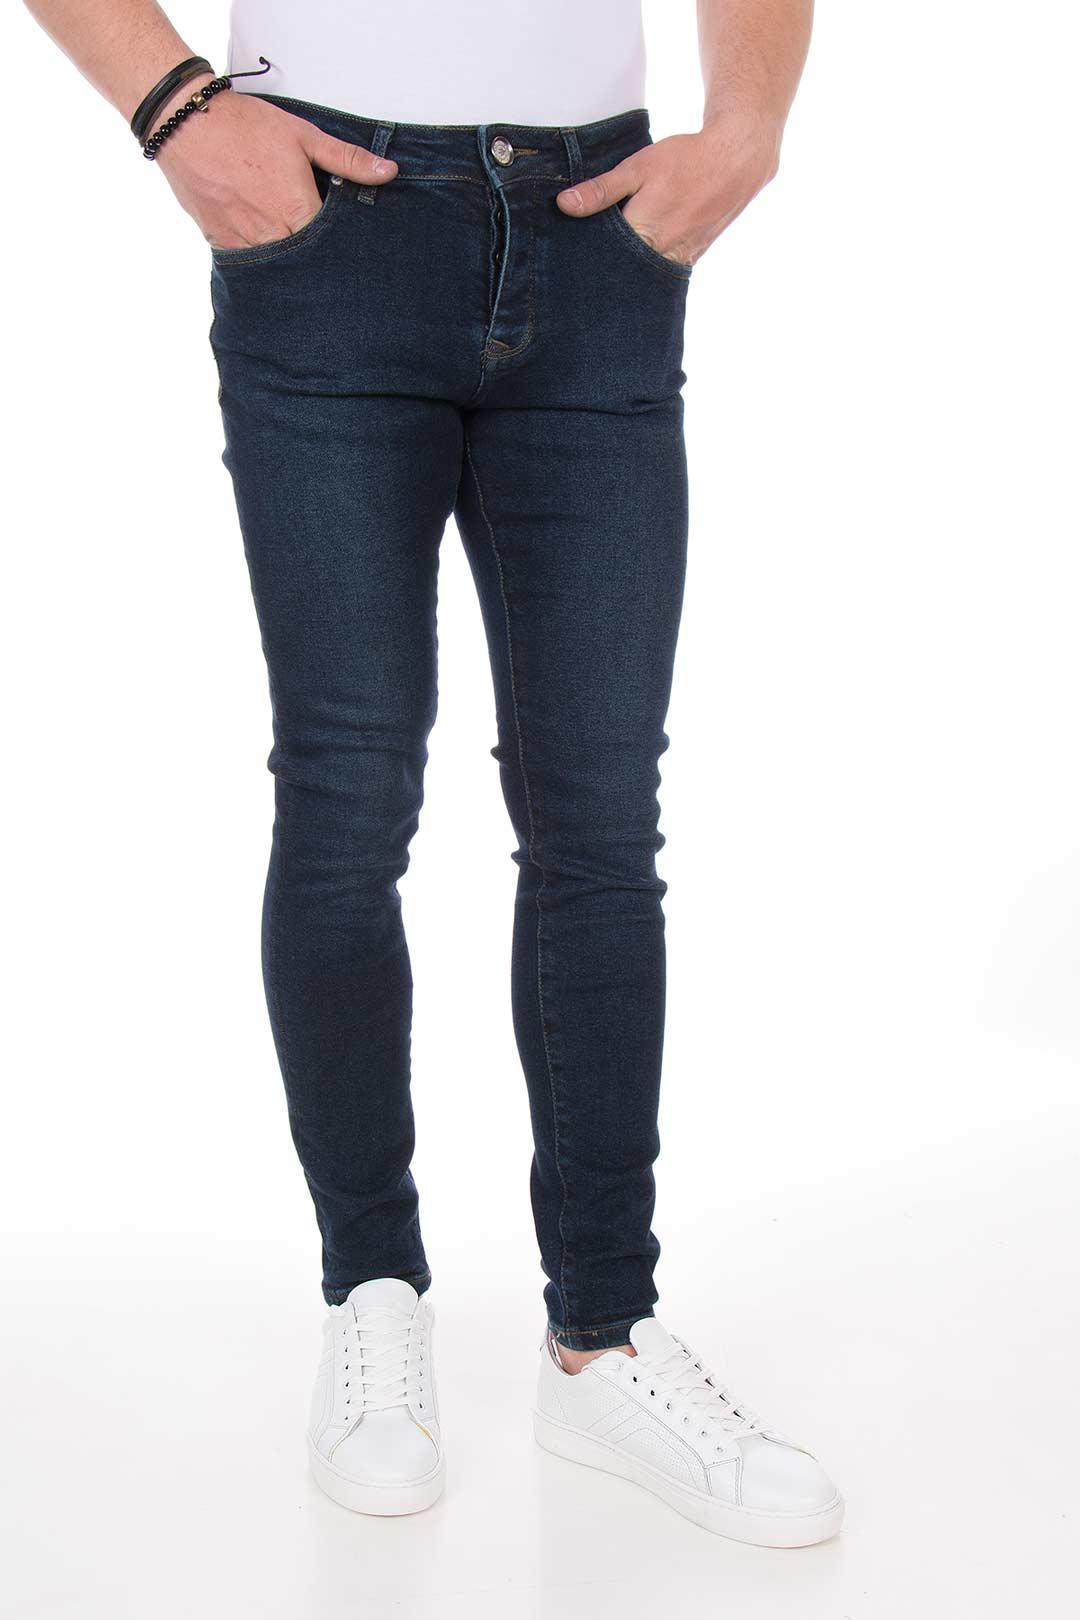 مدل شلوار جین کشی مردانه شلوار جین جذب مردانه MASERATI | فروشگاه اینترنتی سالست